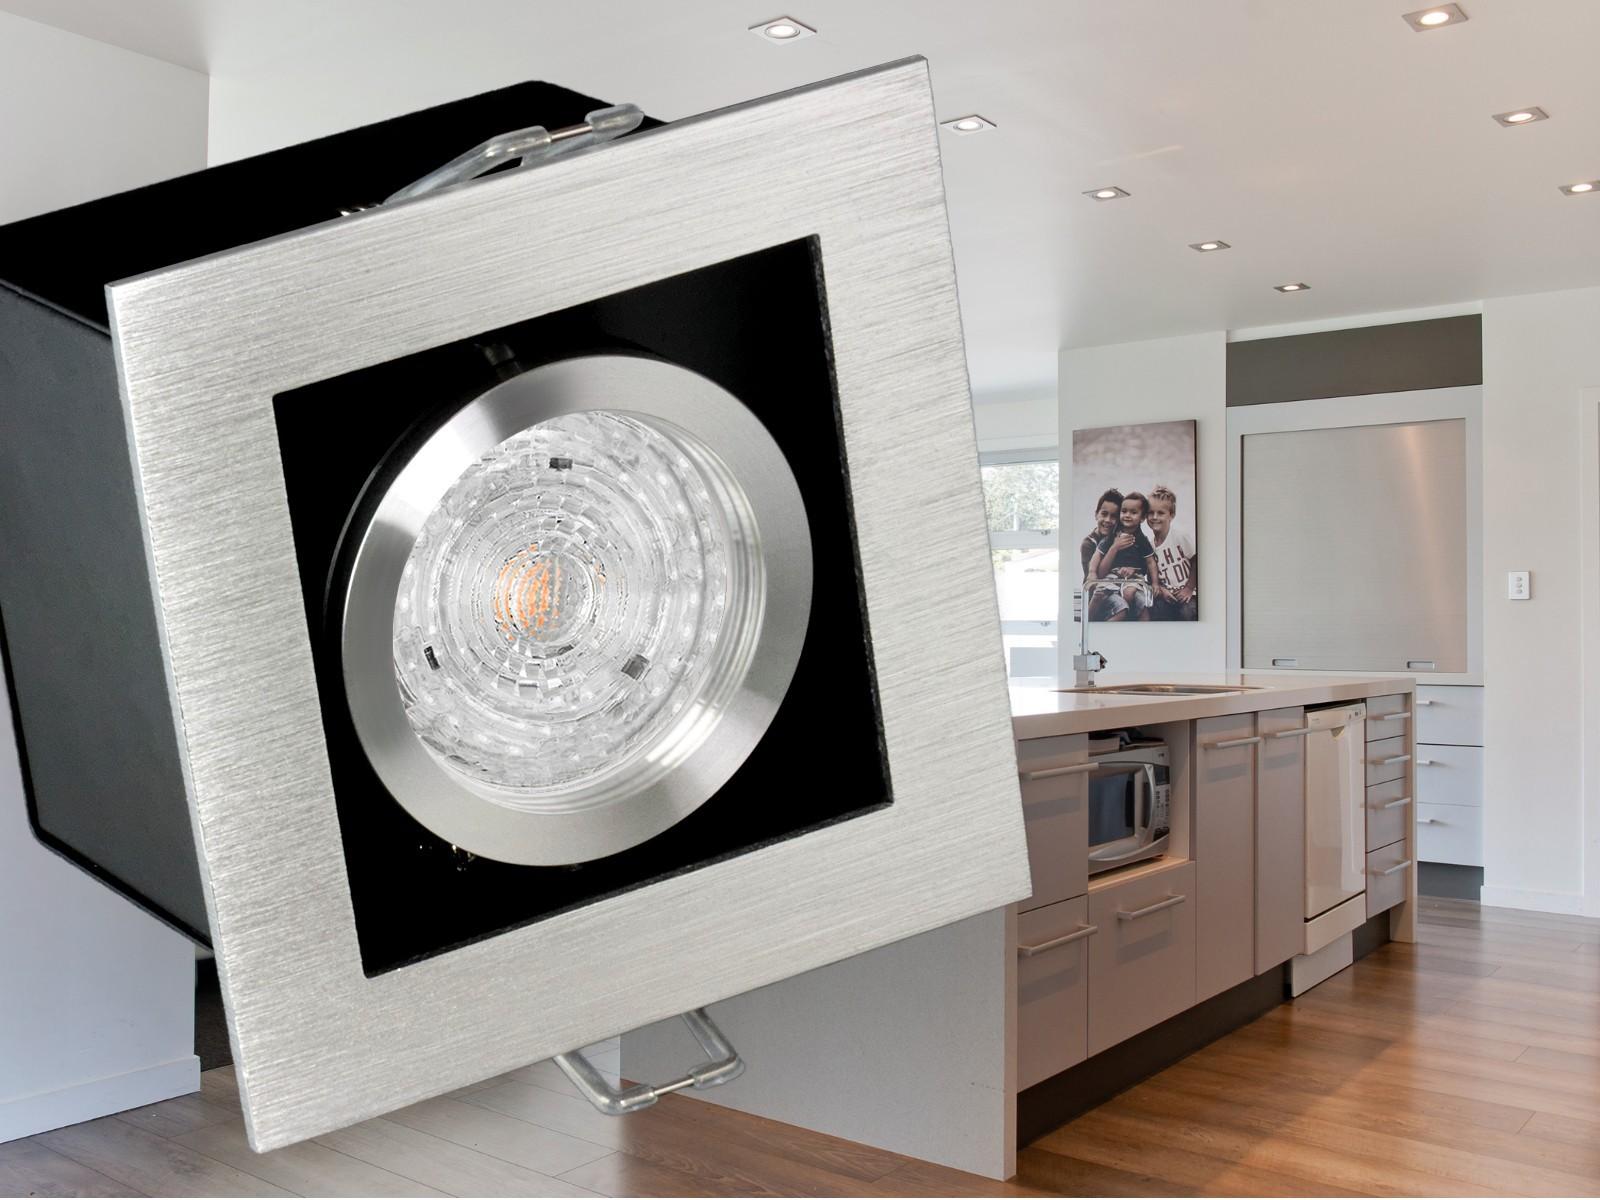 K1 LED Einbaustrahler Alu kardanisch schwenkbar, 4,3W SMD warmweiß ...